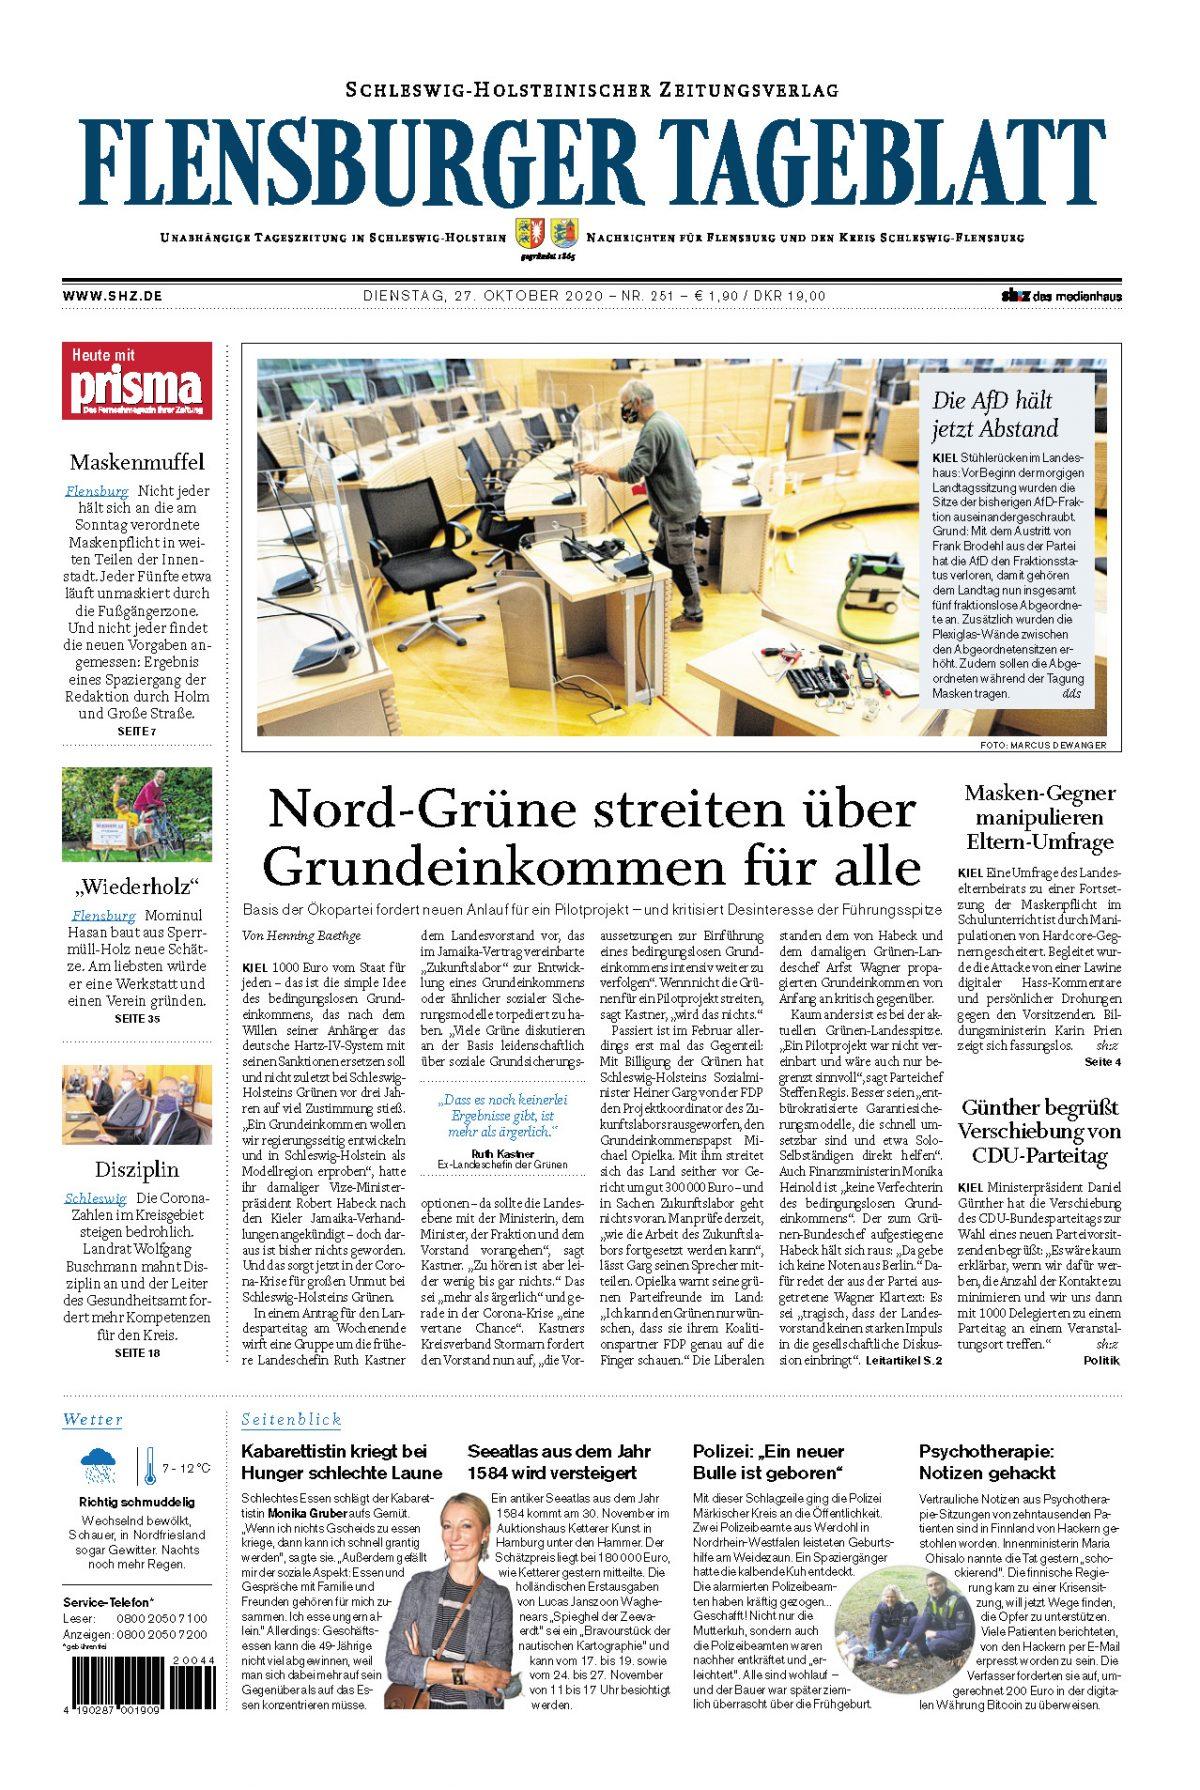 Zukunftslabor – Presse in Schleswig-Holstein berichtet zum grünen Streit (27.10.2020)